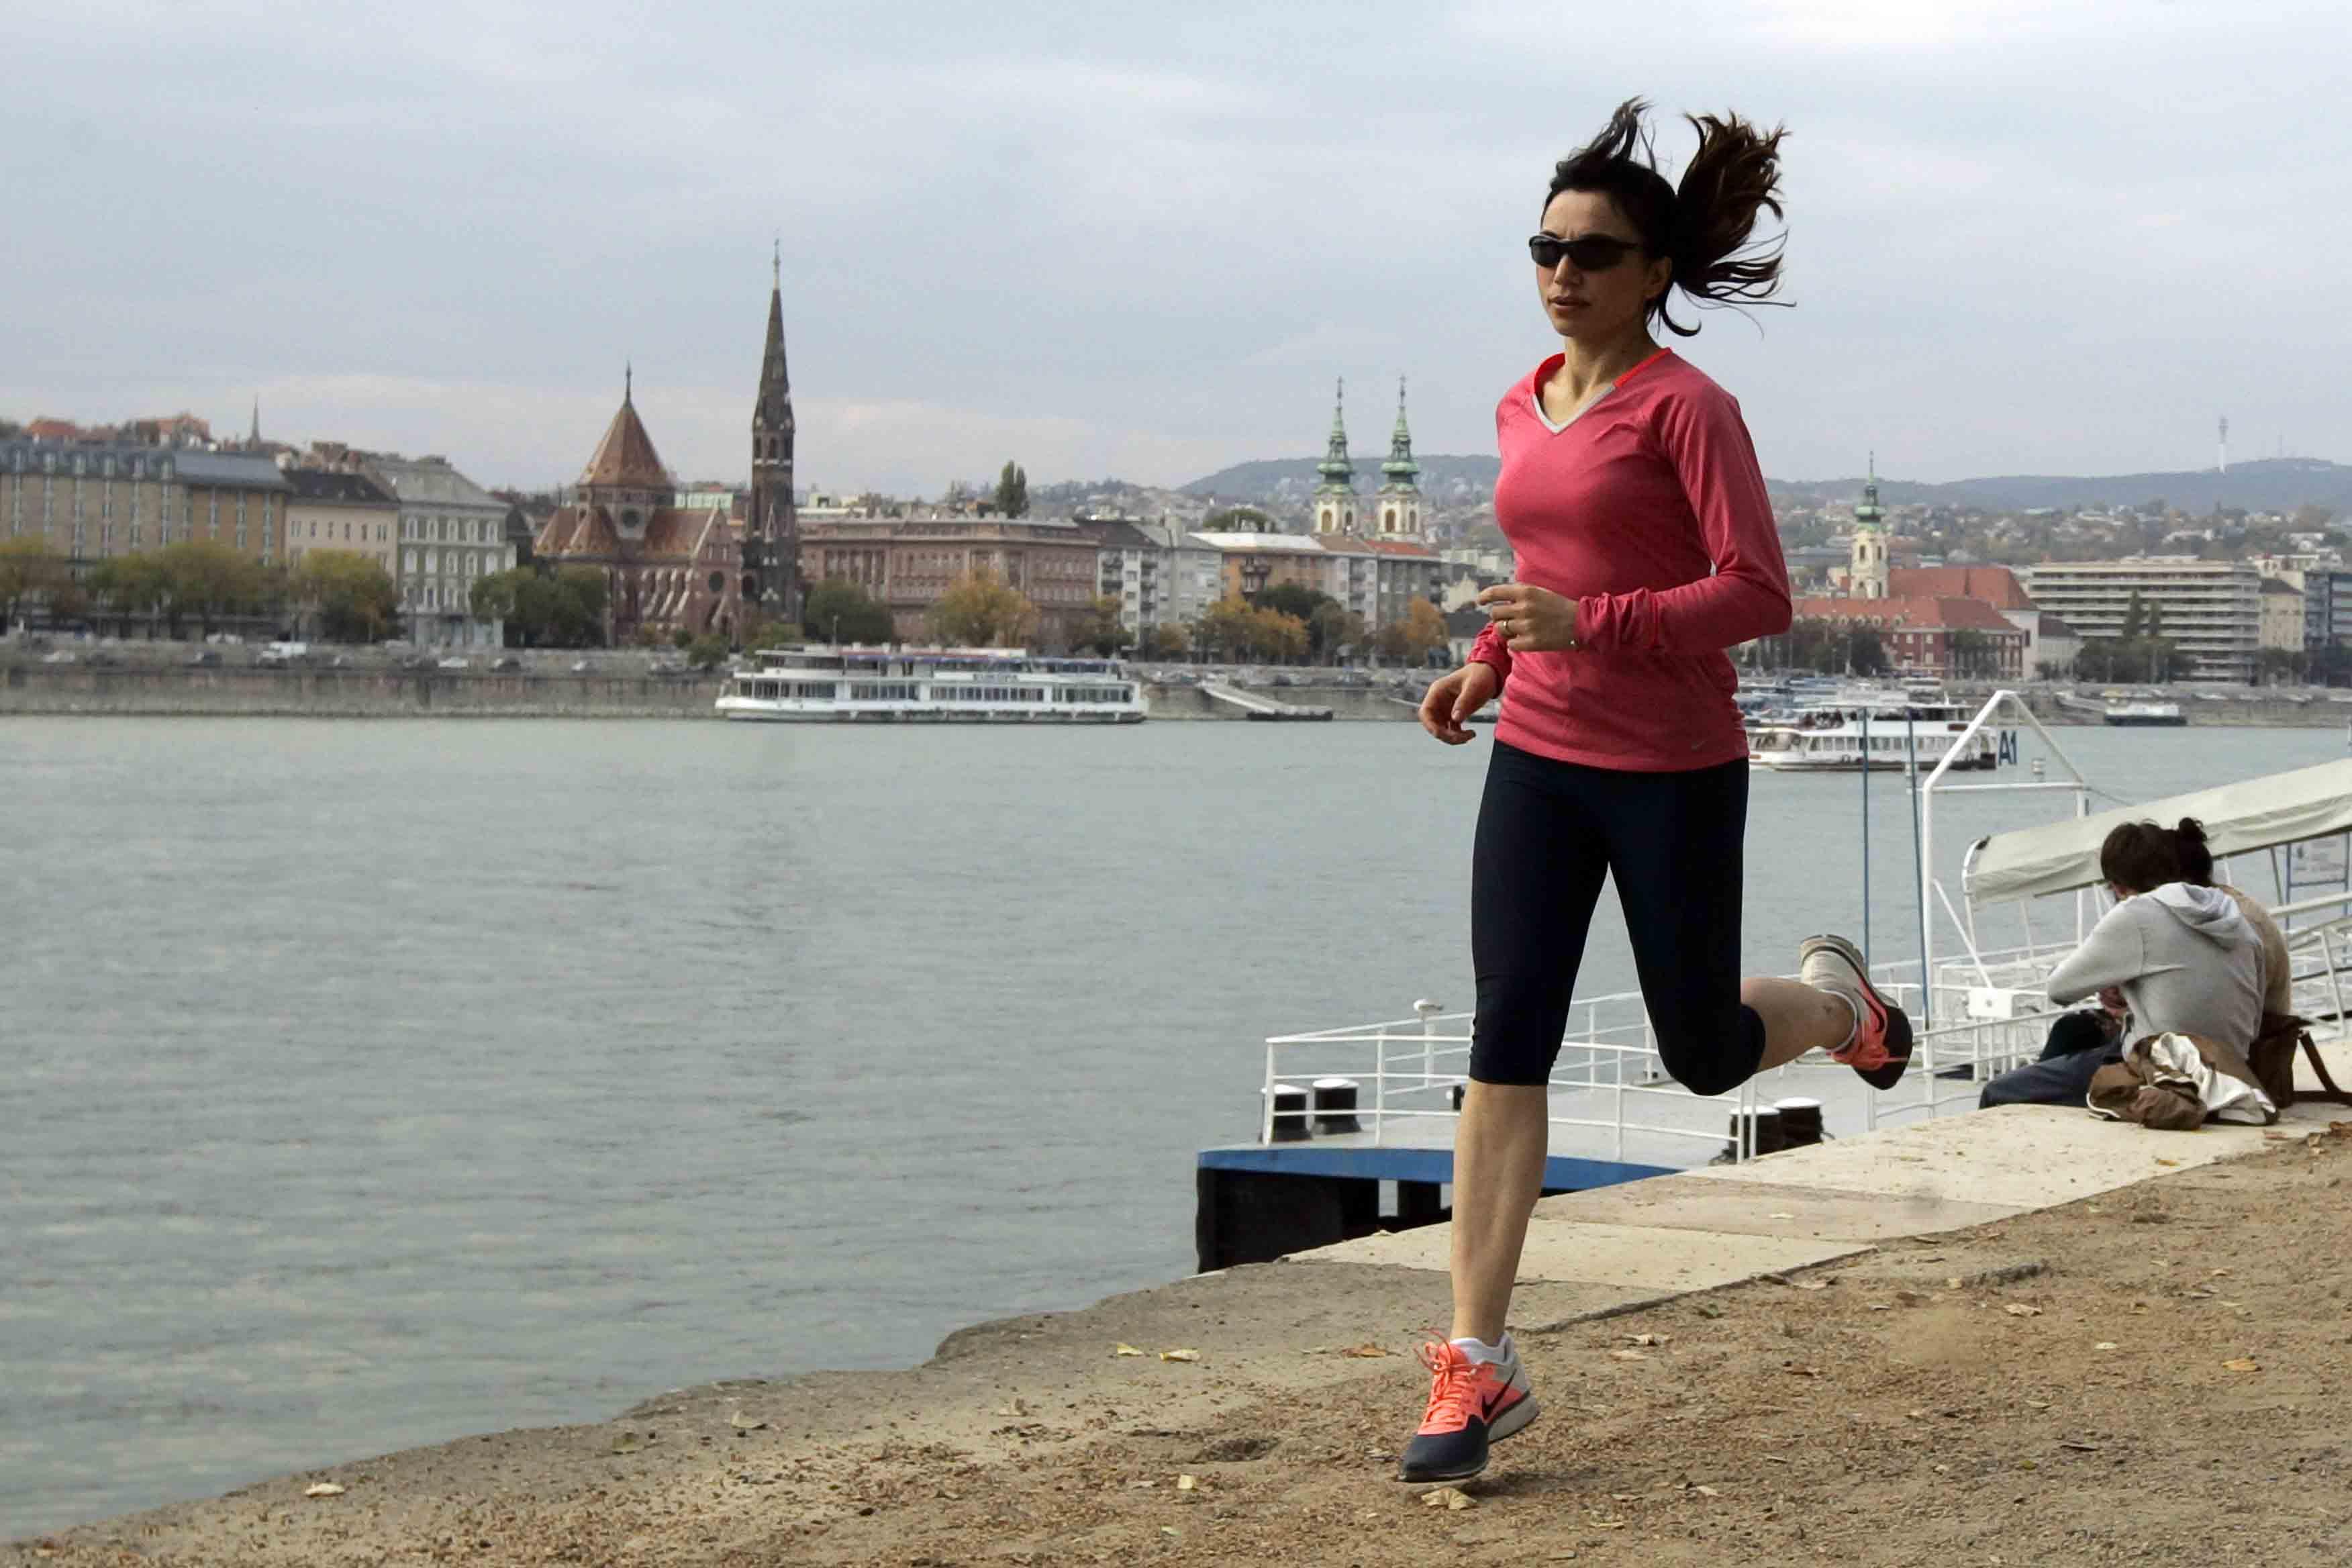 Eccomi sulle rive del Danubio - foto Marco Stoppato